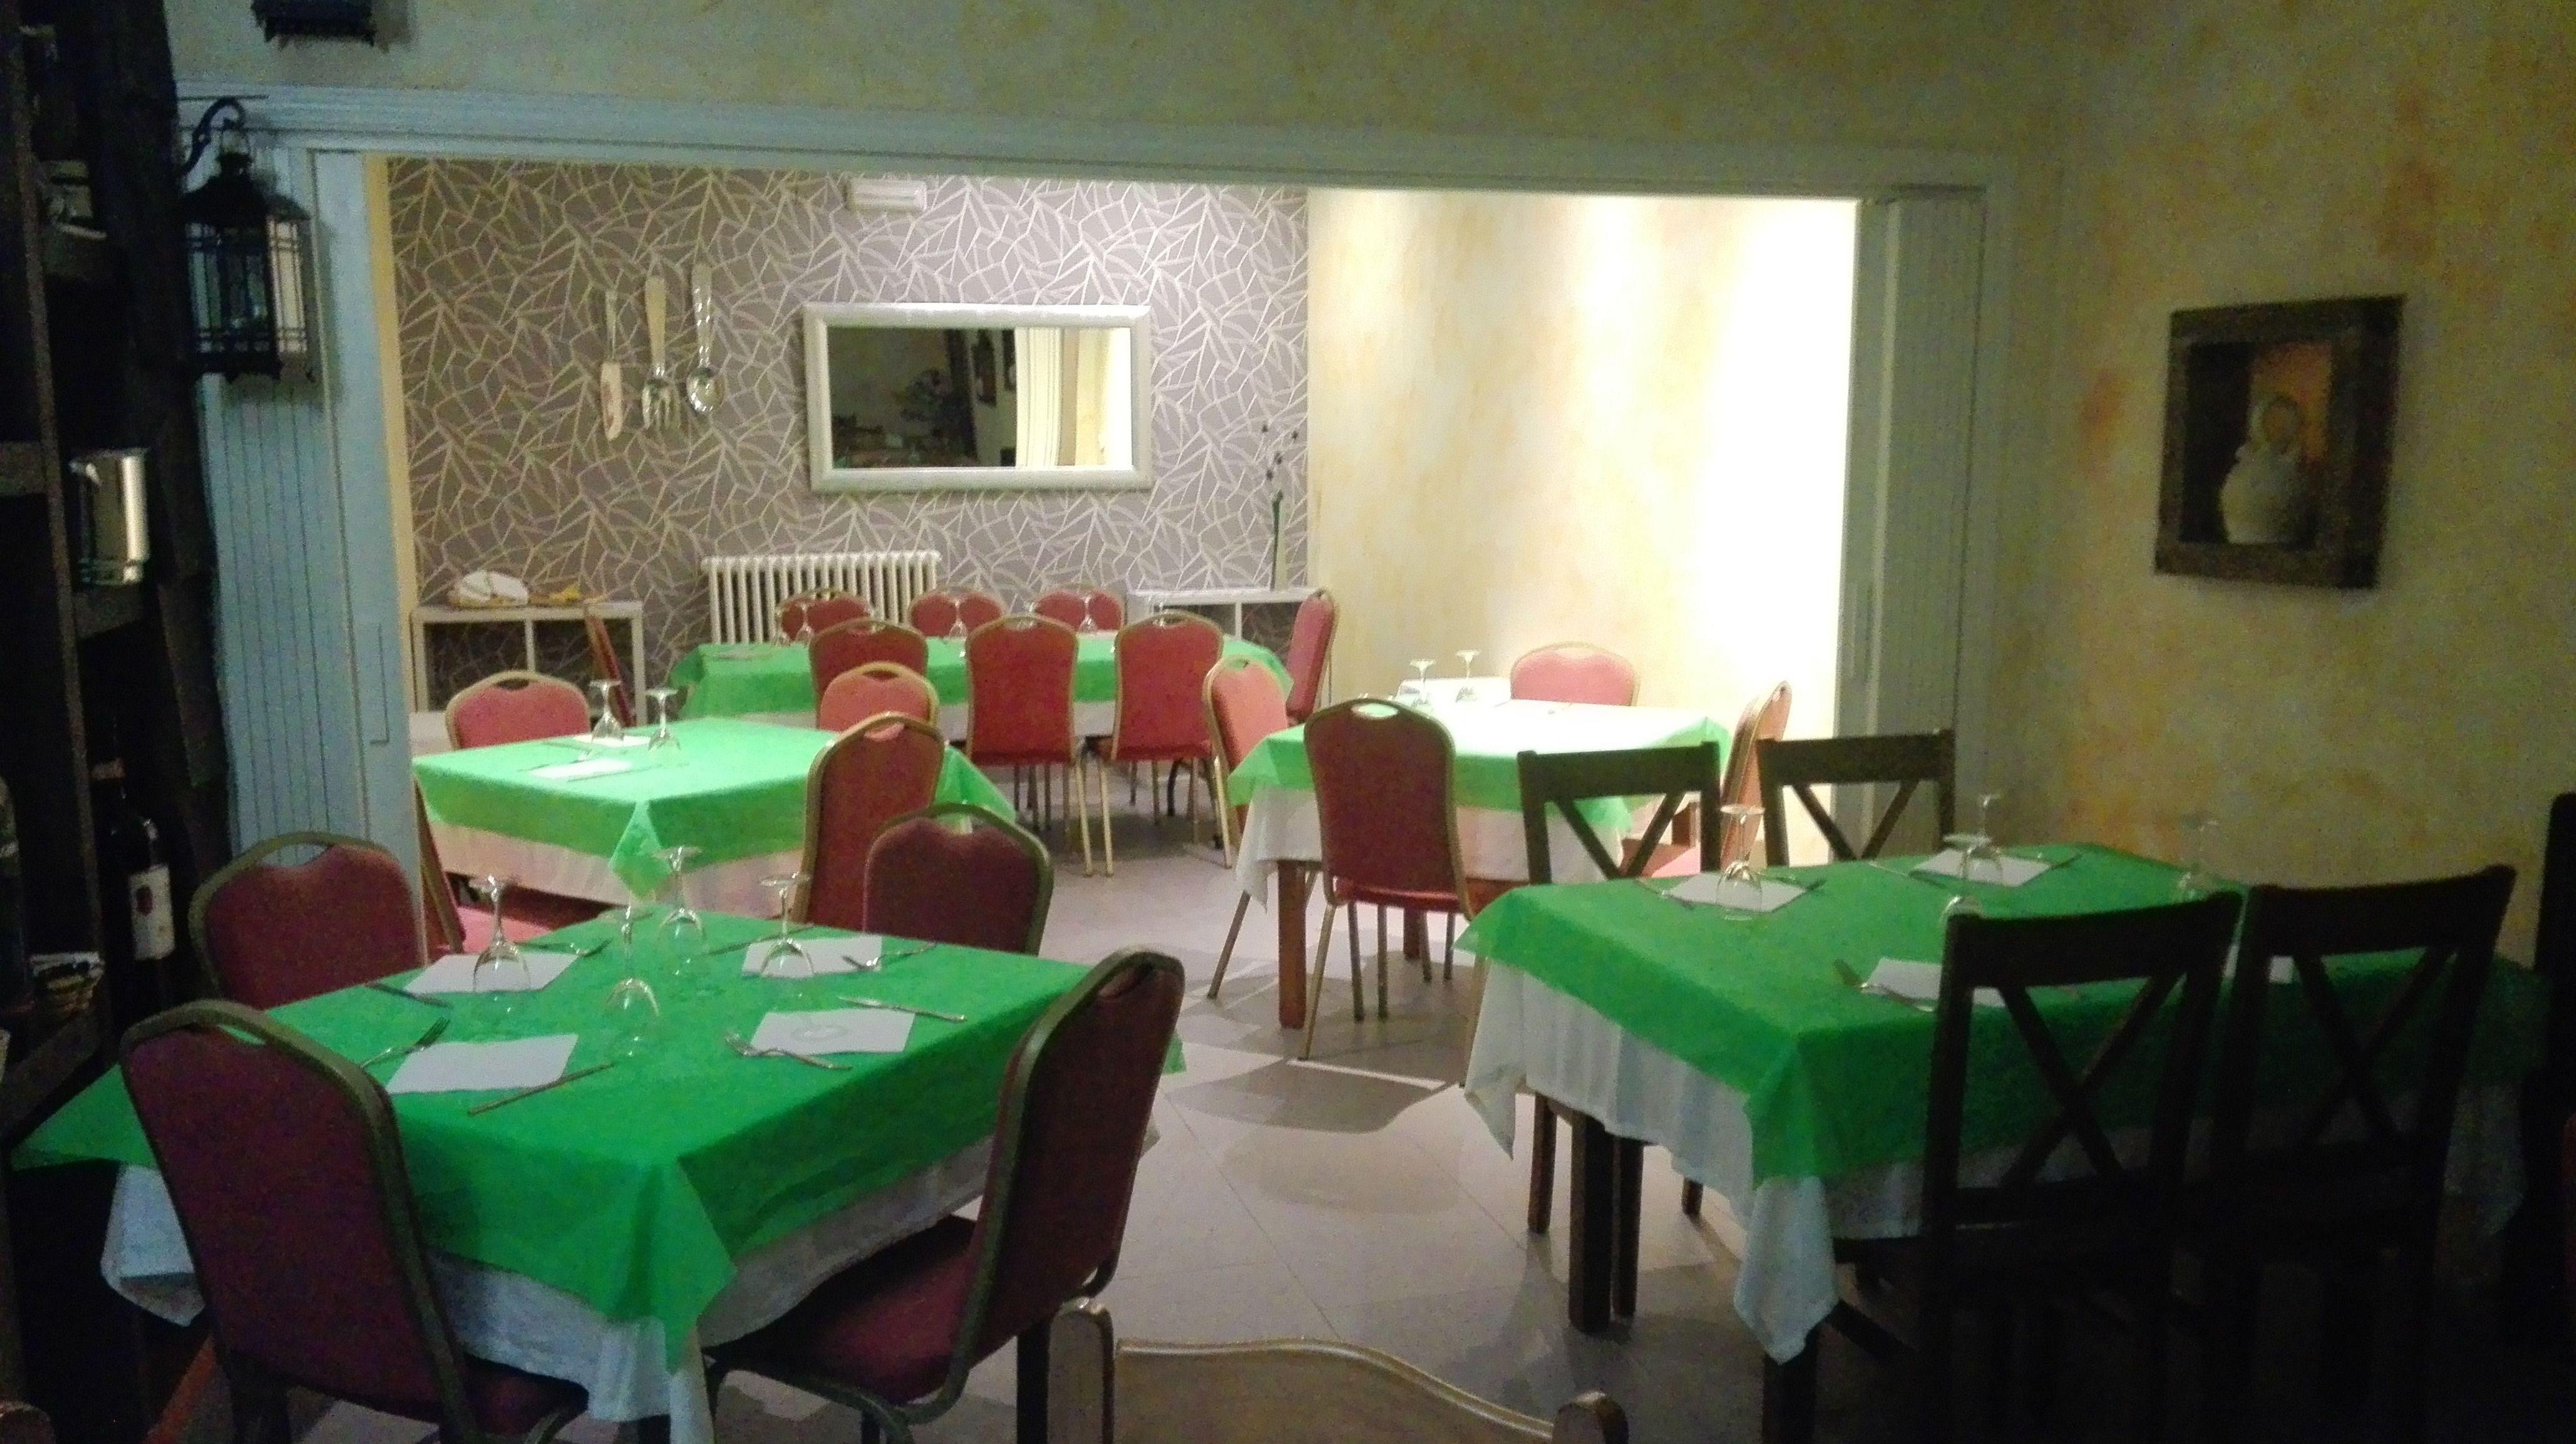 Foto 38 de Cocina tradicional en León   Restaurante El Tío Mariano